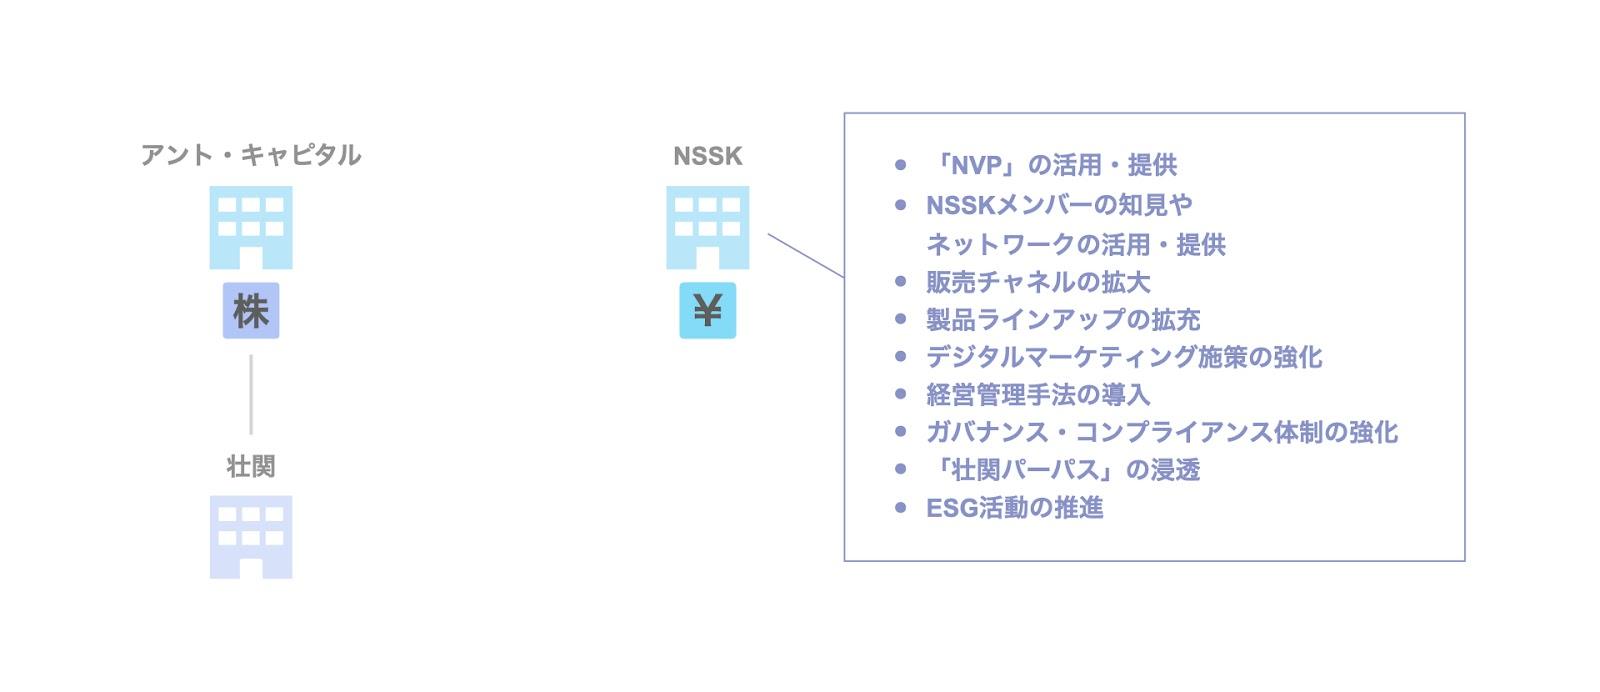 投資事例:日本産業推進機構(NSSK)による壮関への投資案件の背景・目的